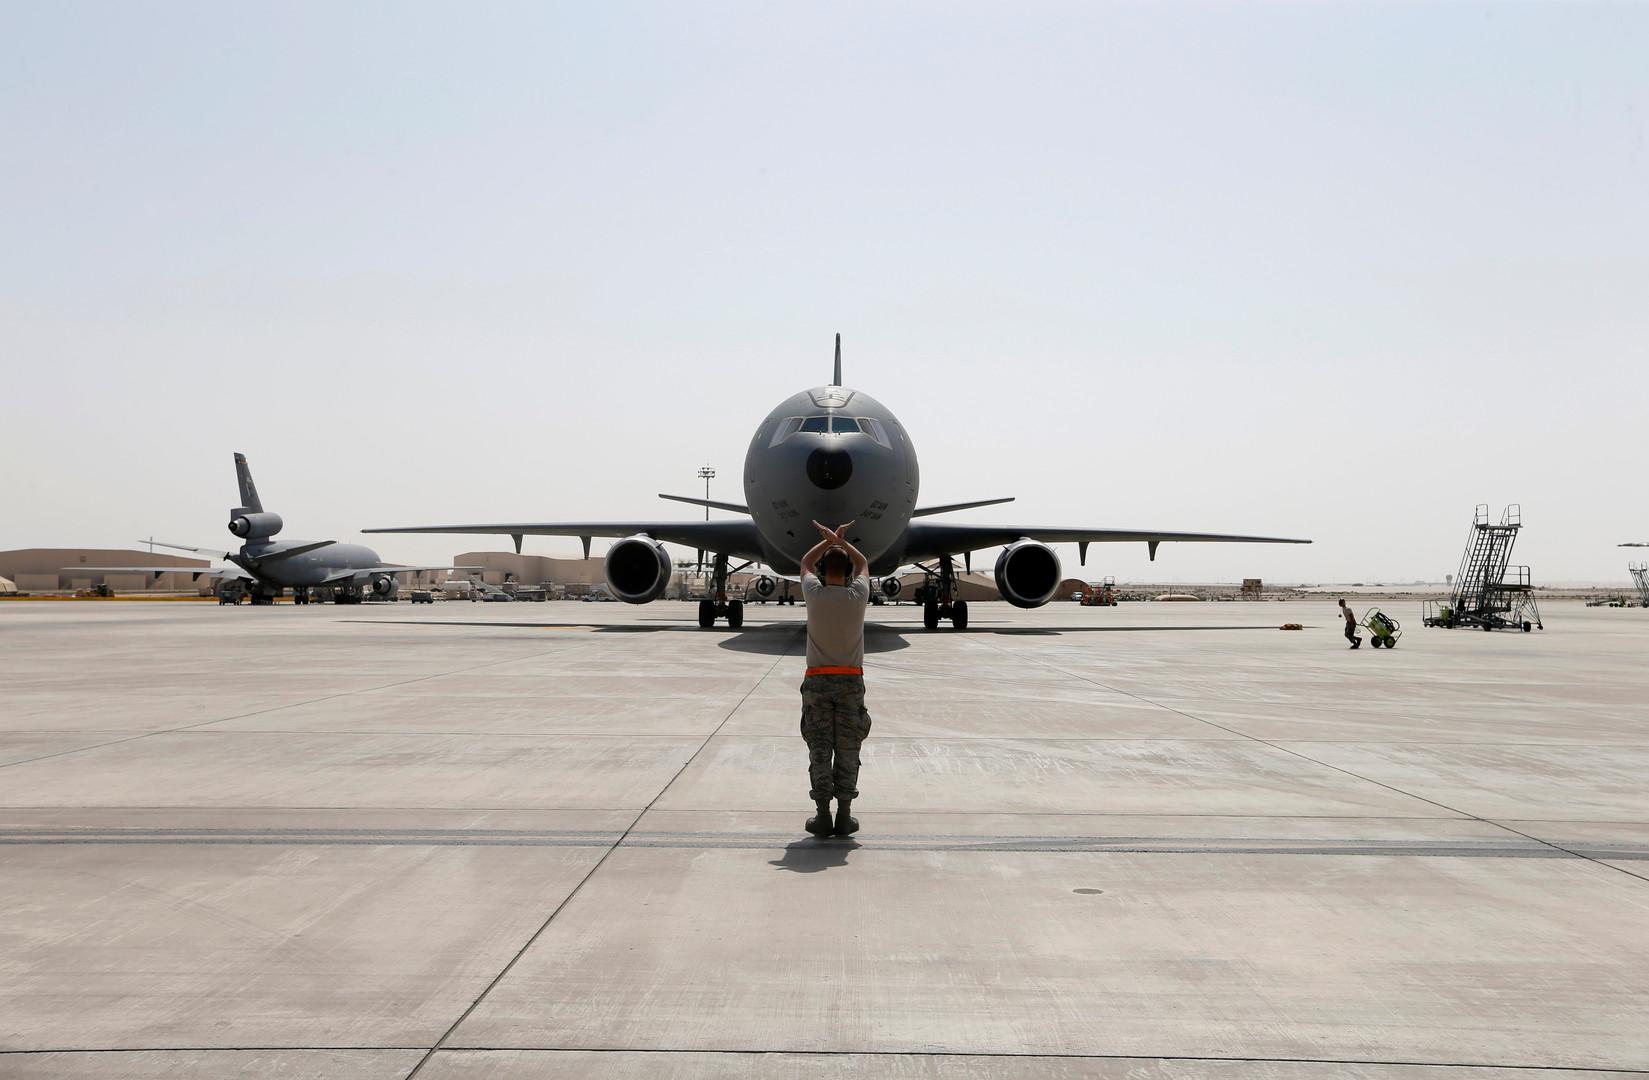 رئيس لجنة الأمن القومي الإيراني: إعادة انتشار القوات الأمريكية هدفه شن حرب في المنطقة